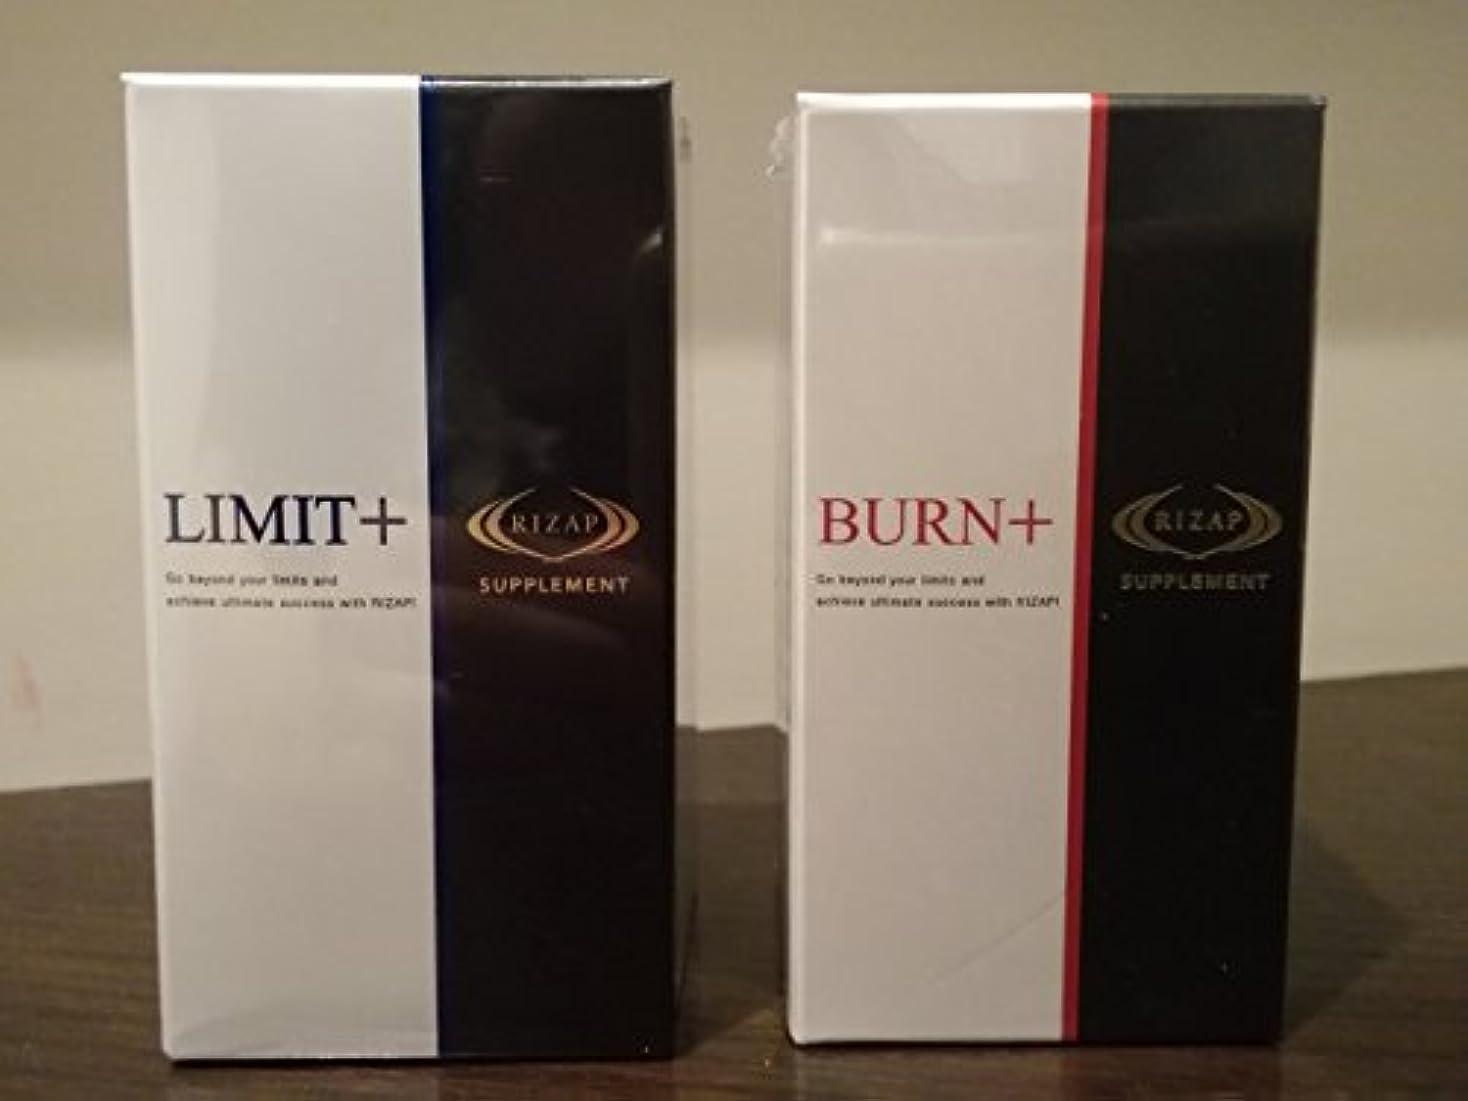 悪化する見つけるなんとなくライザップ 【バーン+】&【リミット+】 【BURN+】&【LIMIT+】